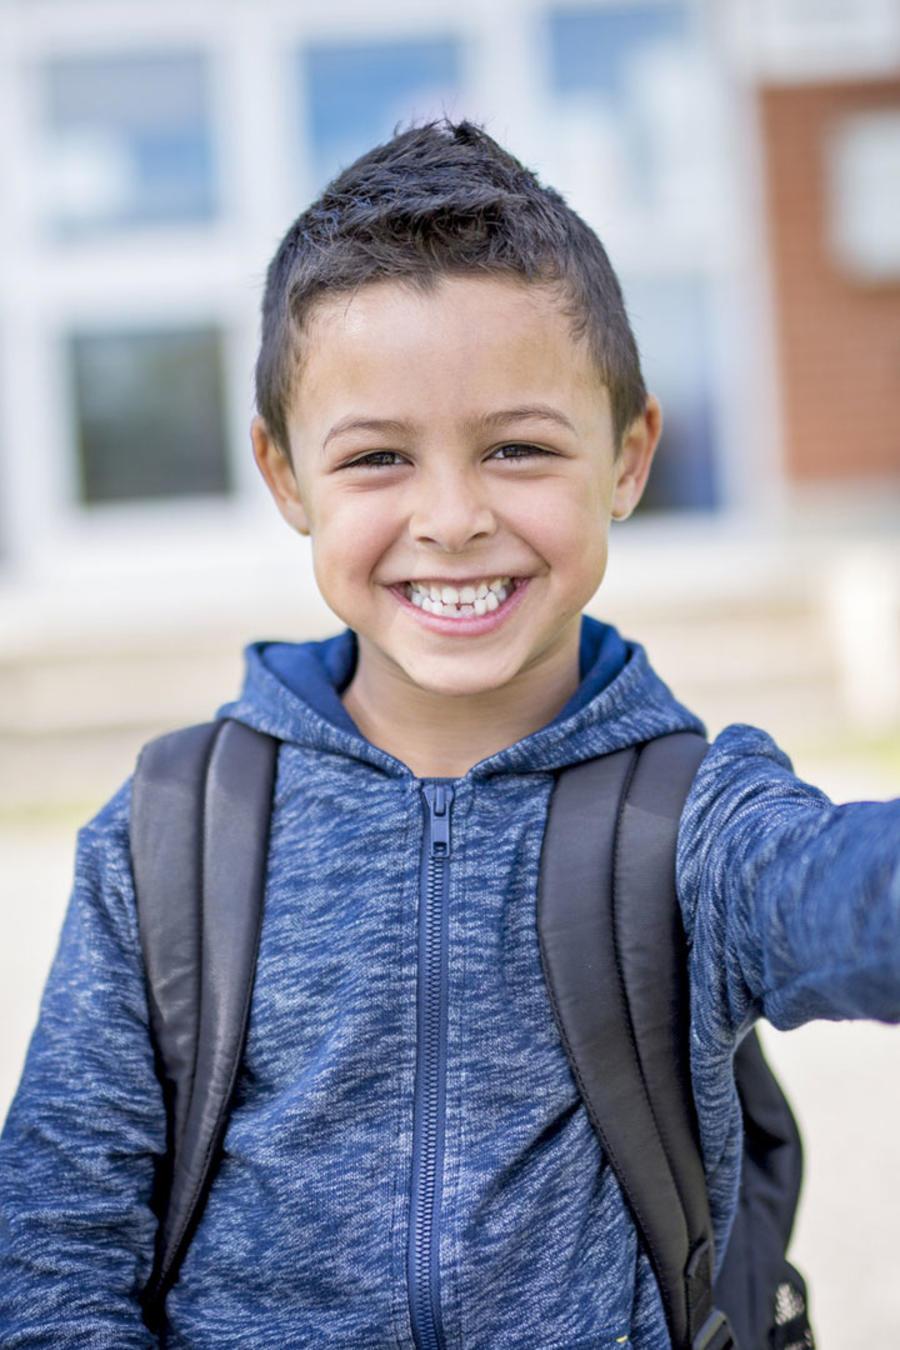 Niño sonriendo con el pulgar arriba